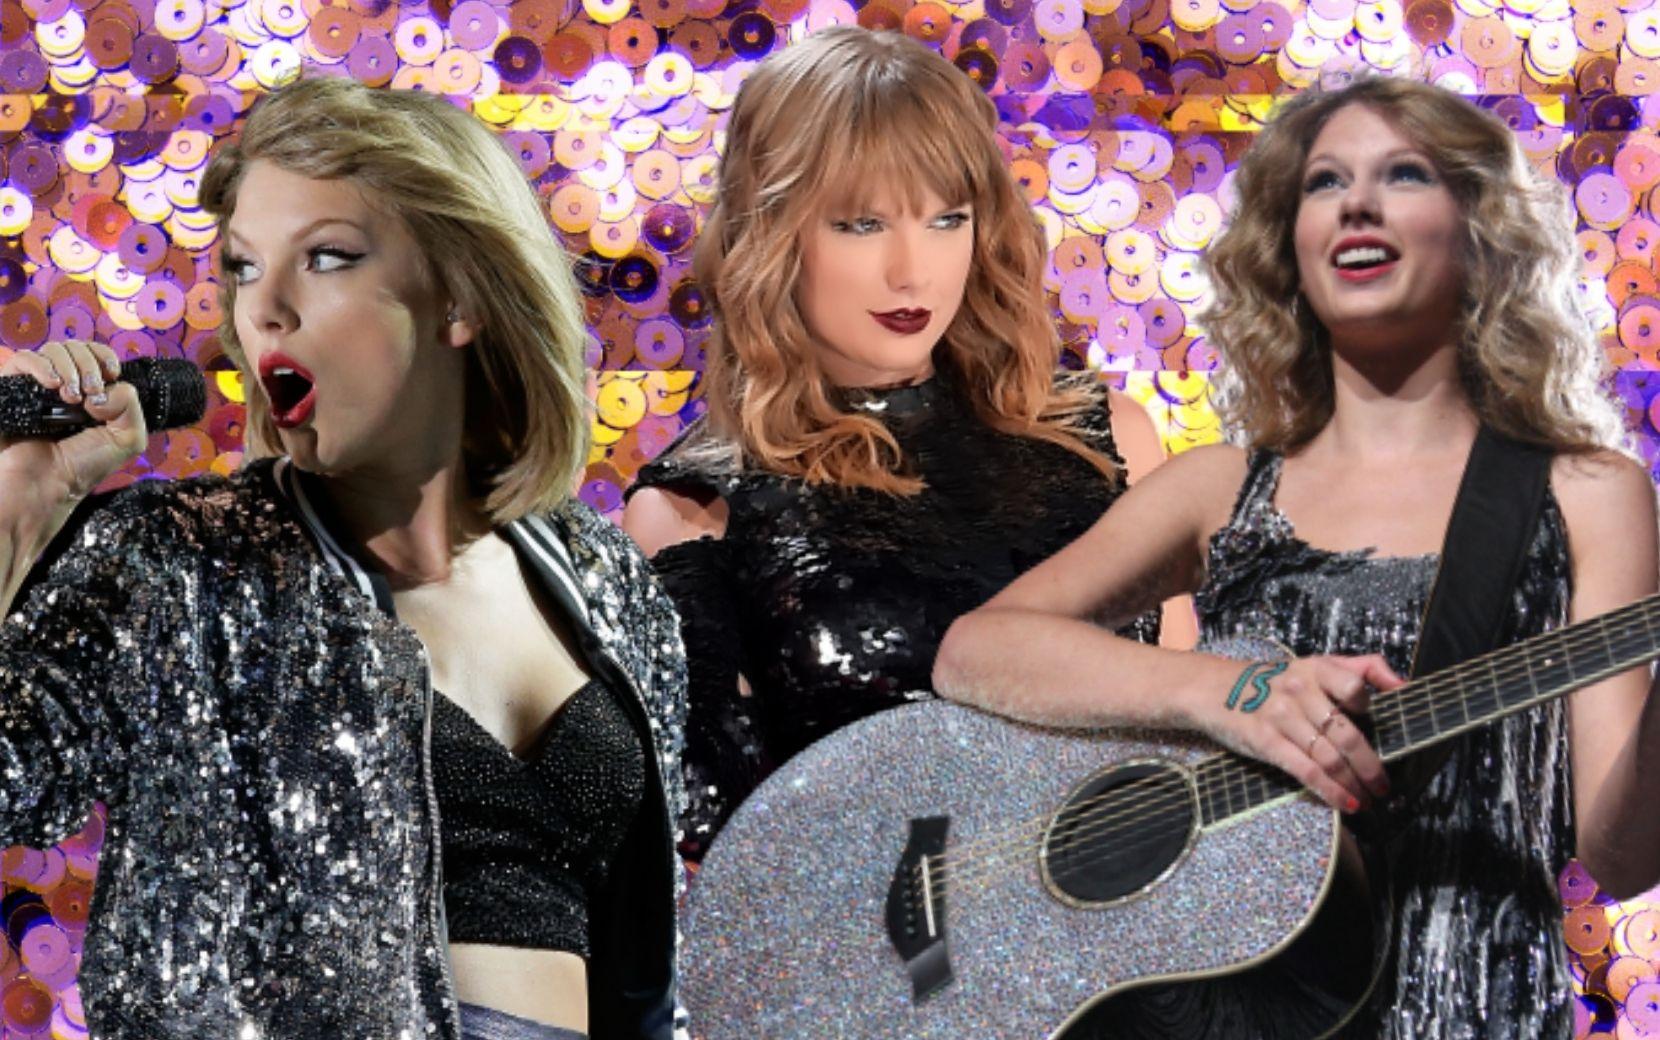 Opinião: por que ainda subestimam Taylor Swift?